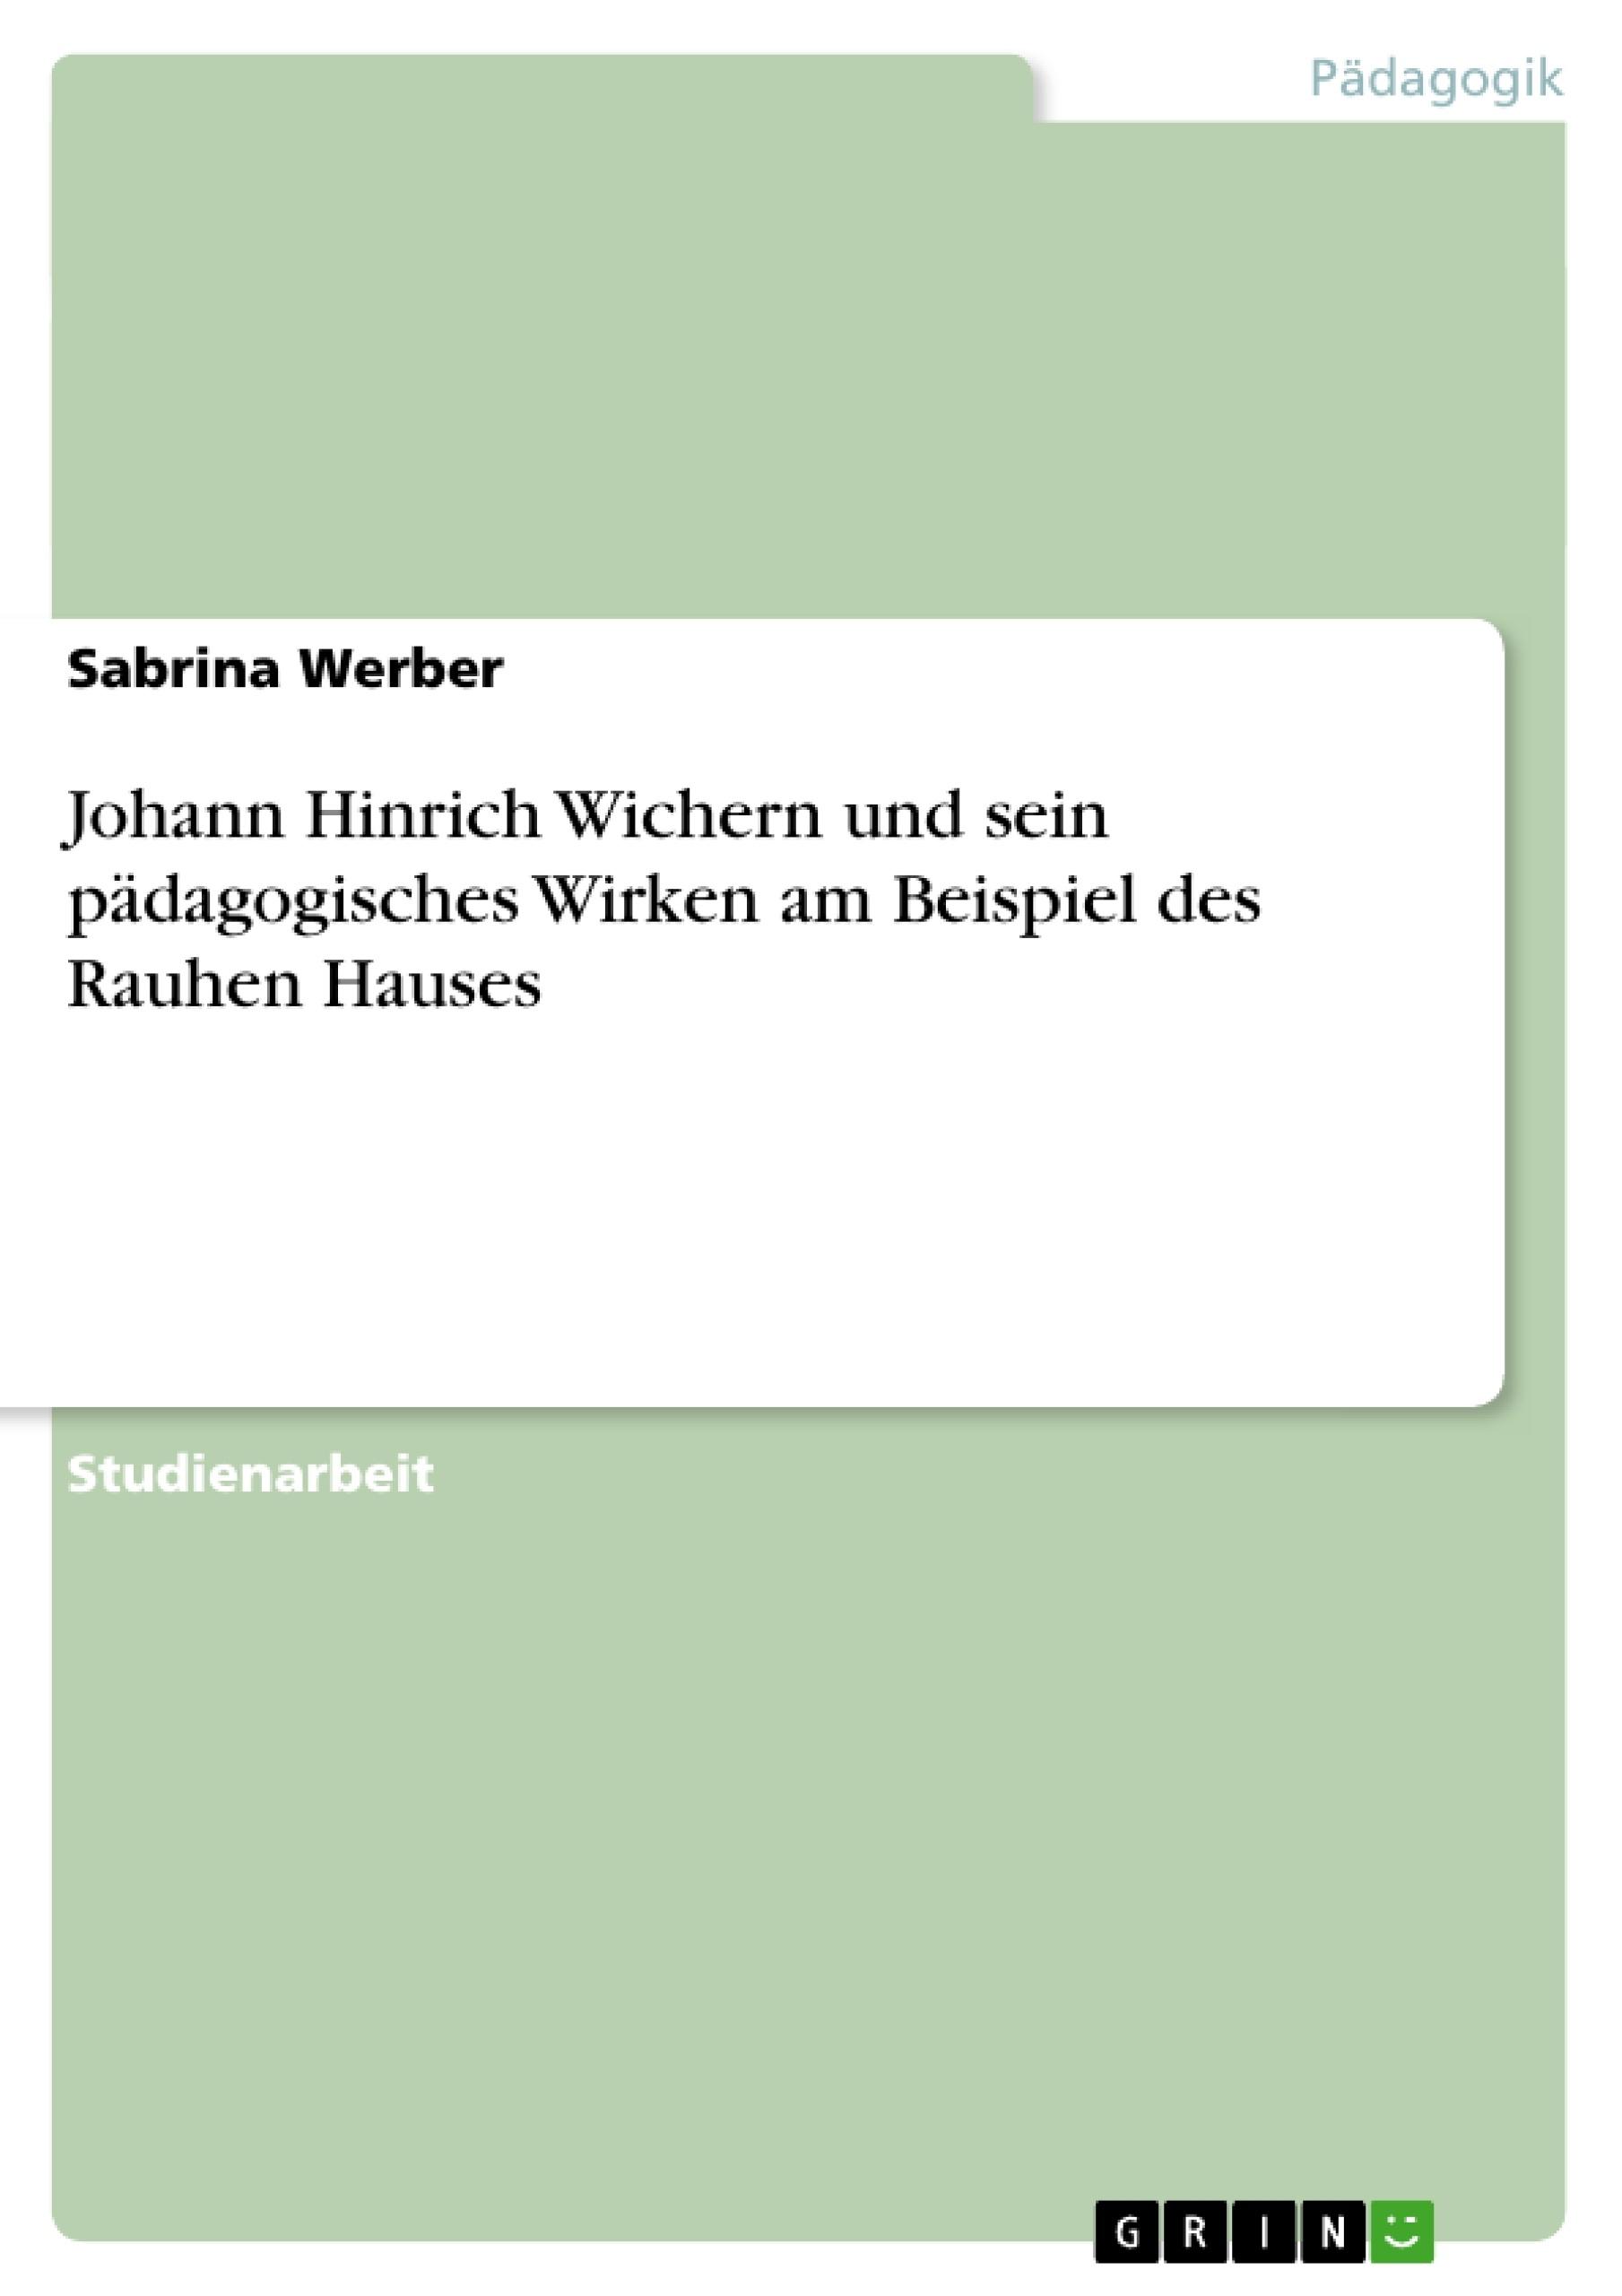 Titel: Johann Hinrich Wichern und sein pädagogisches Wirken am Beispiel des Rauhen Hauses